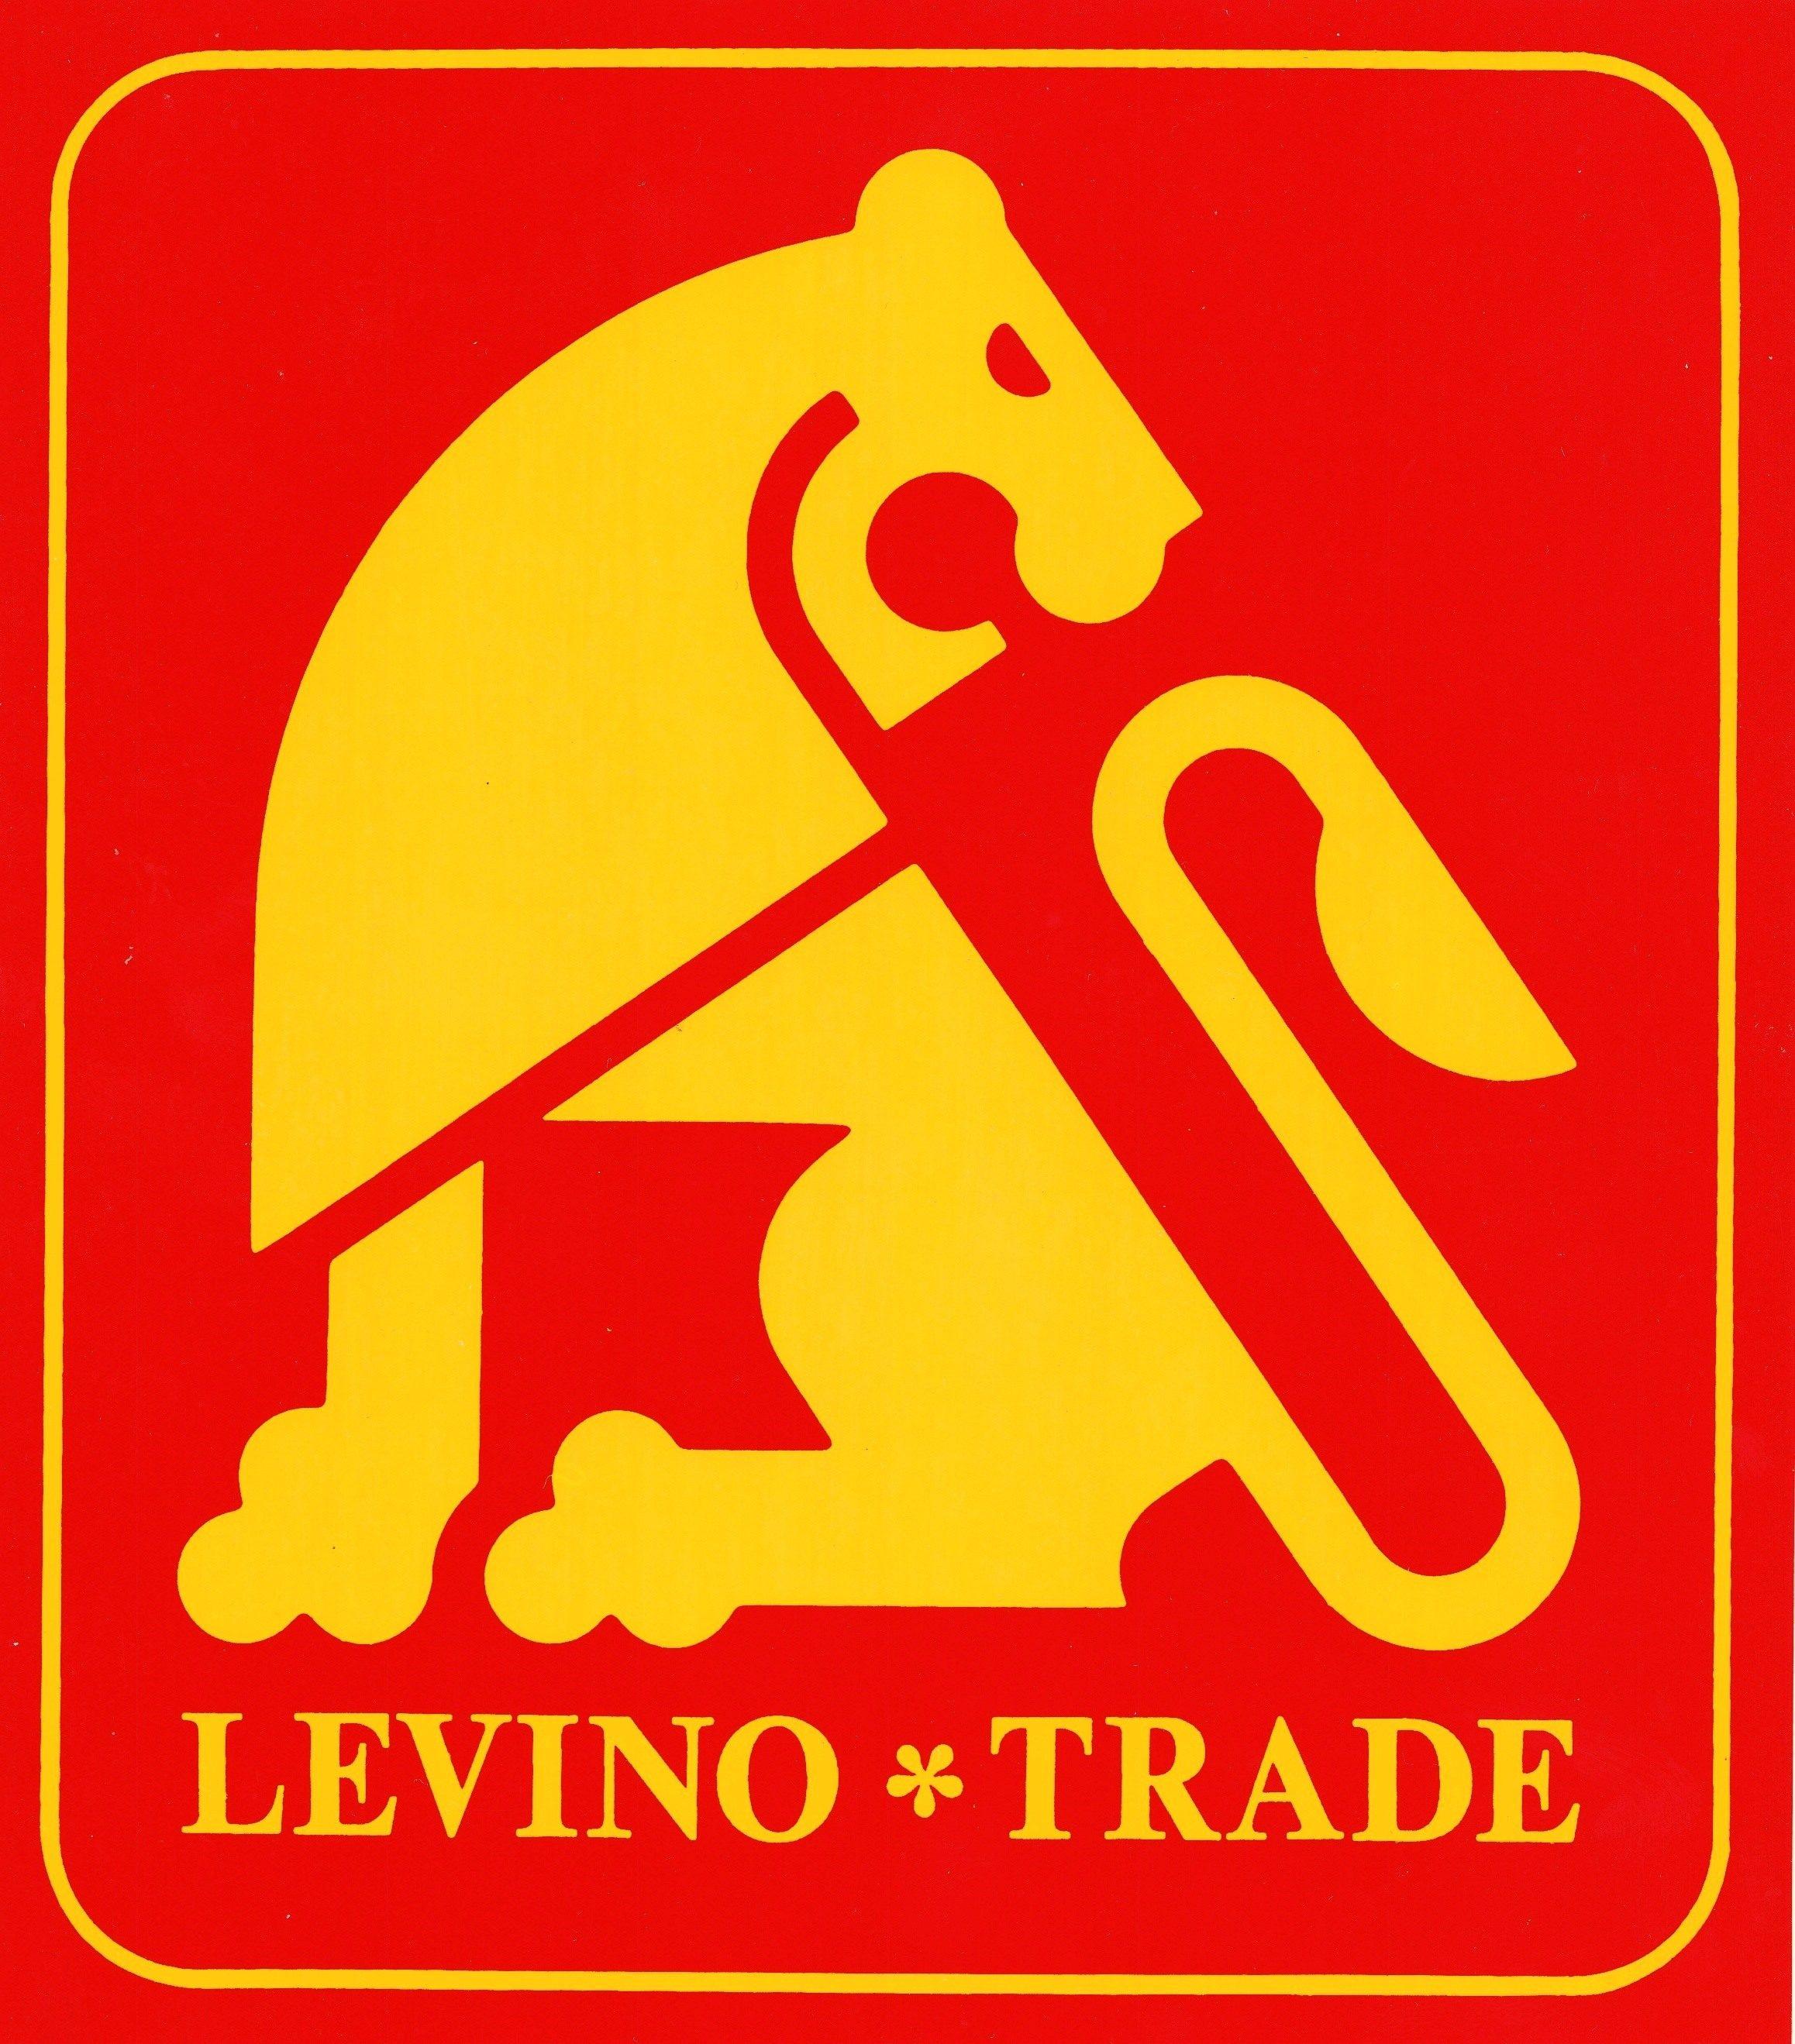 levino